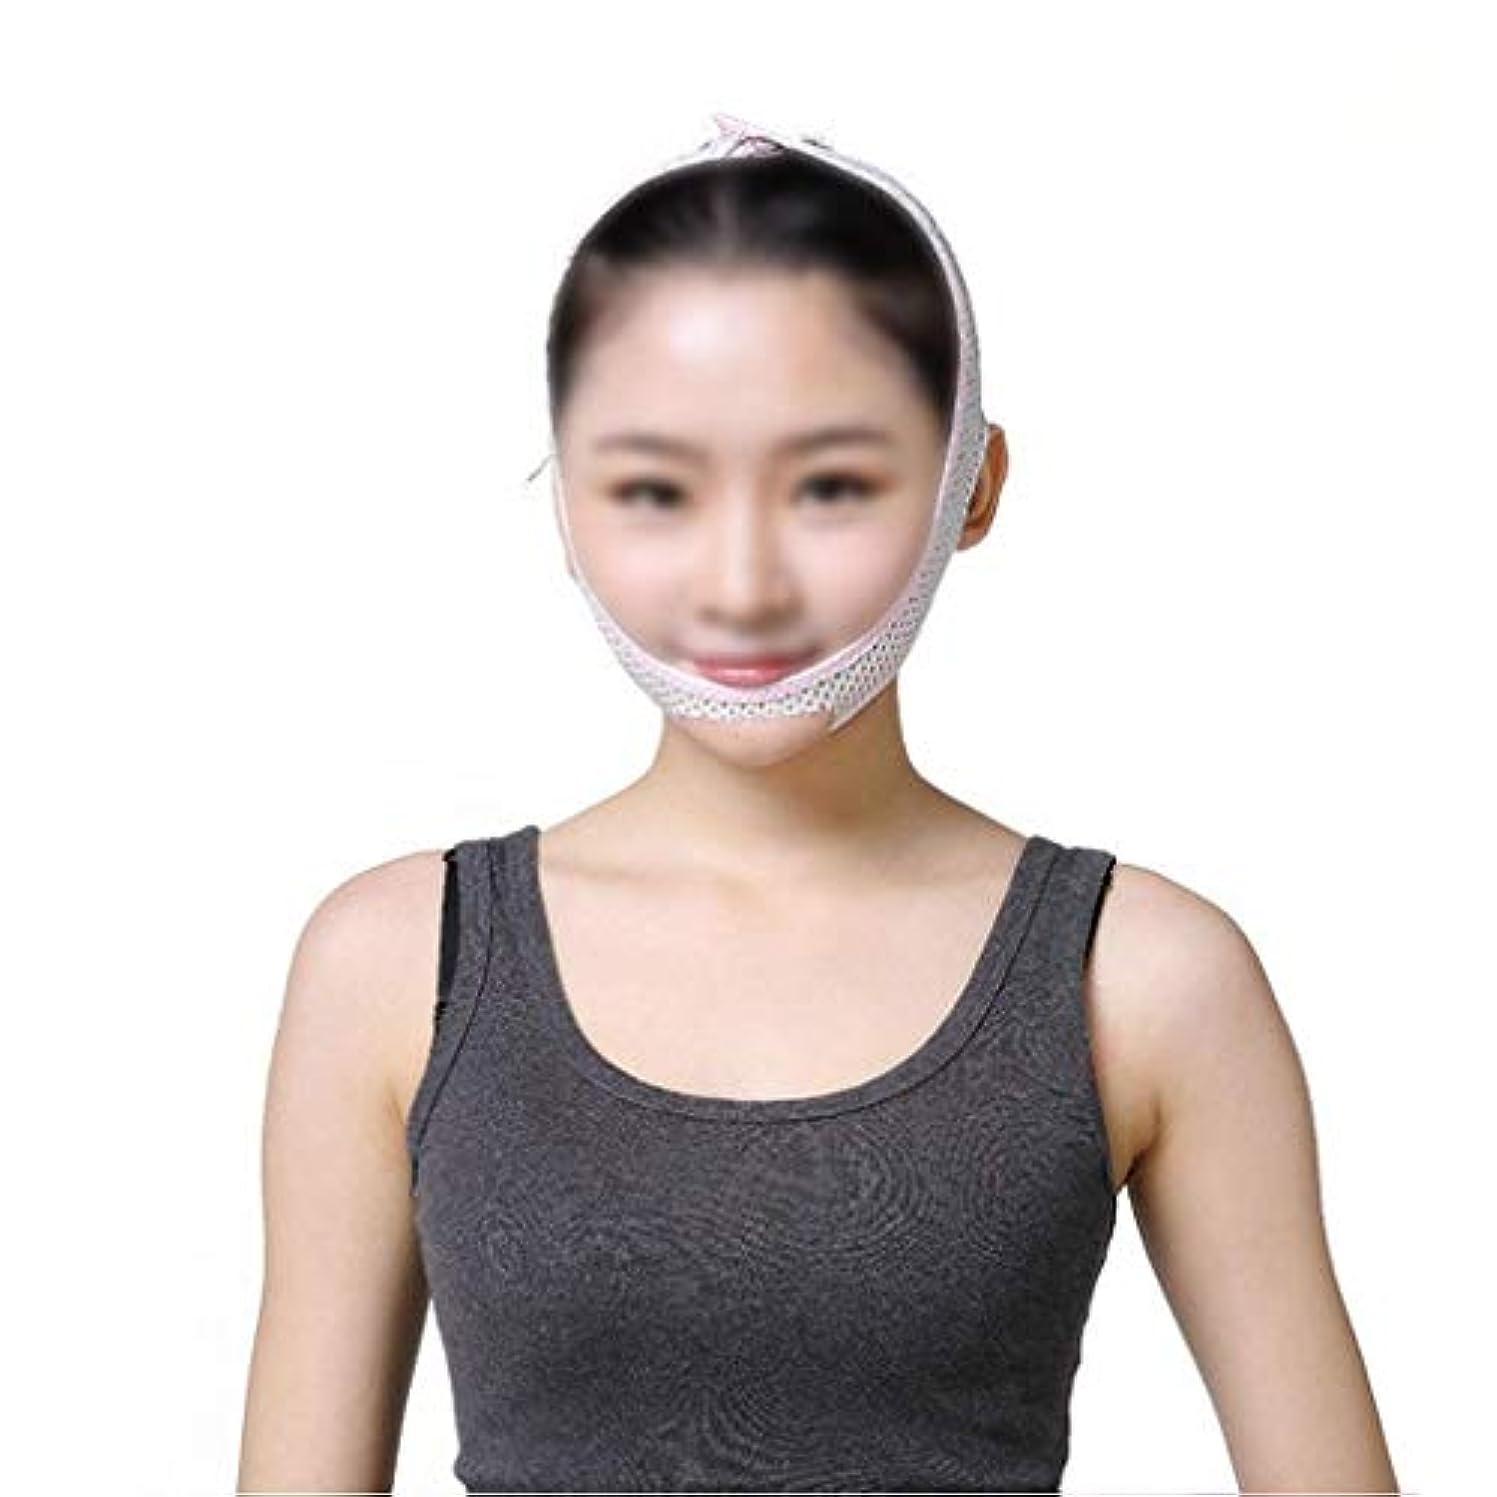 どこにでも請う溢れんばかりのフェイスリフティングマスク、快適で リフティングスキンファーミングスリープシンフェイスアーティファクトアンチリンクル/リムーブダブルチン/術後回復マスク(サイズ:L)